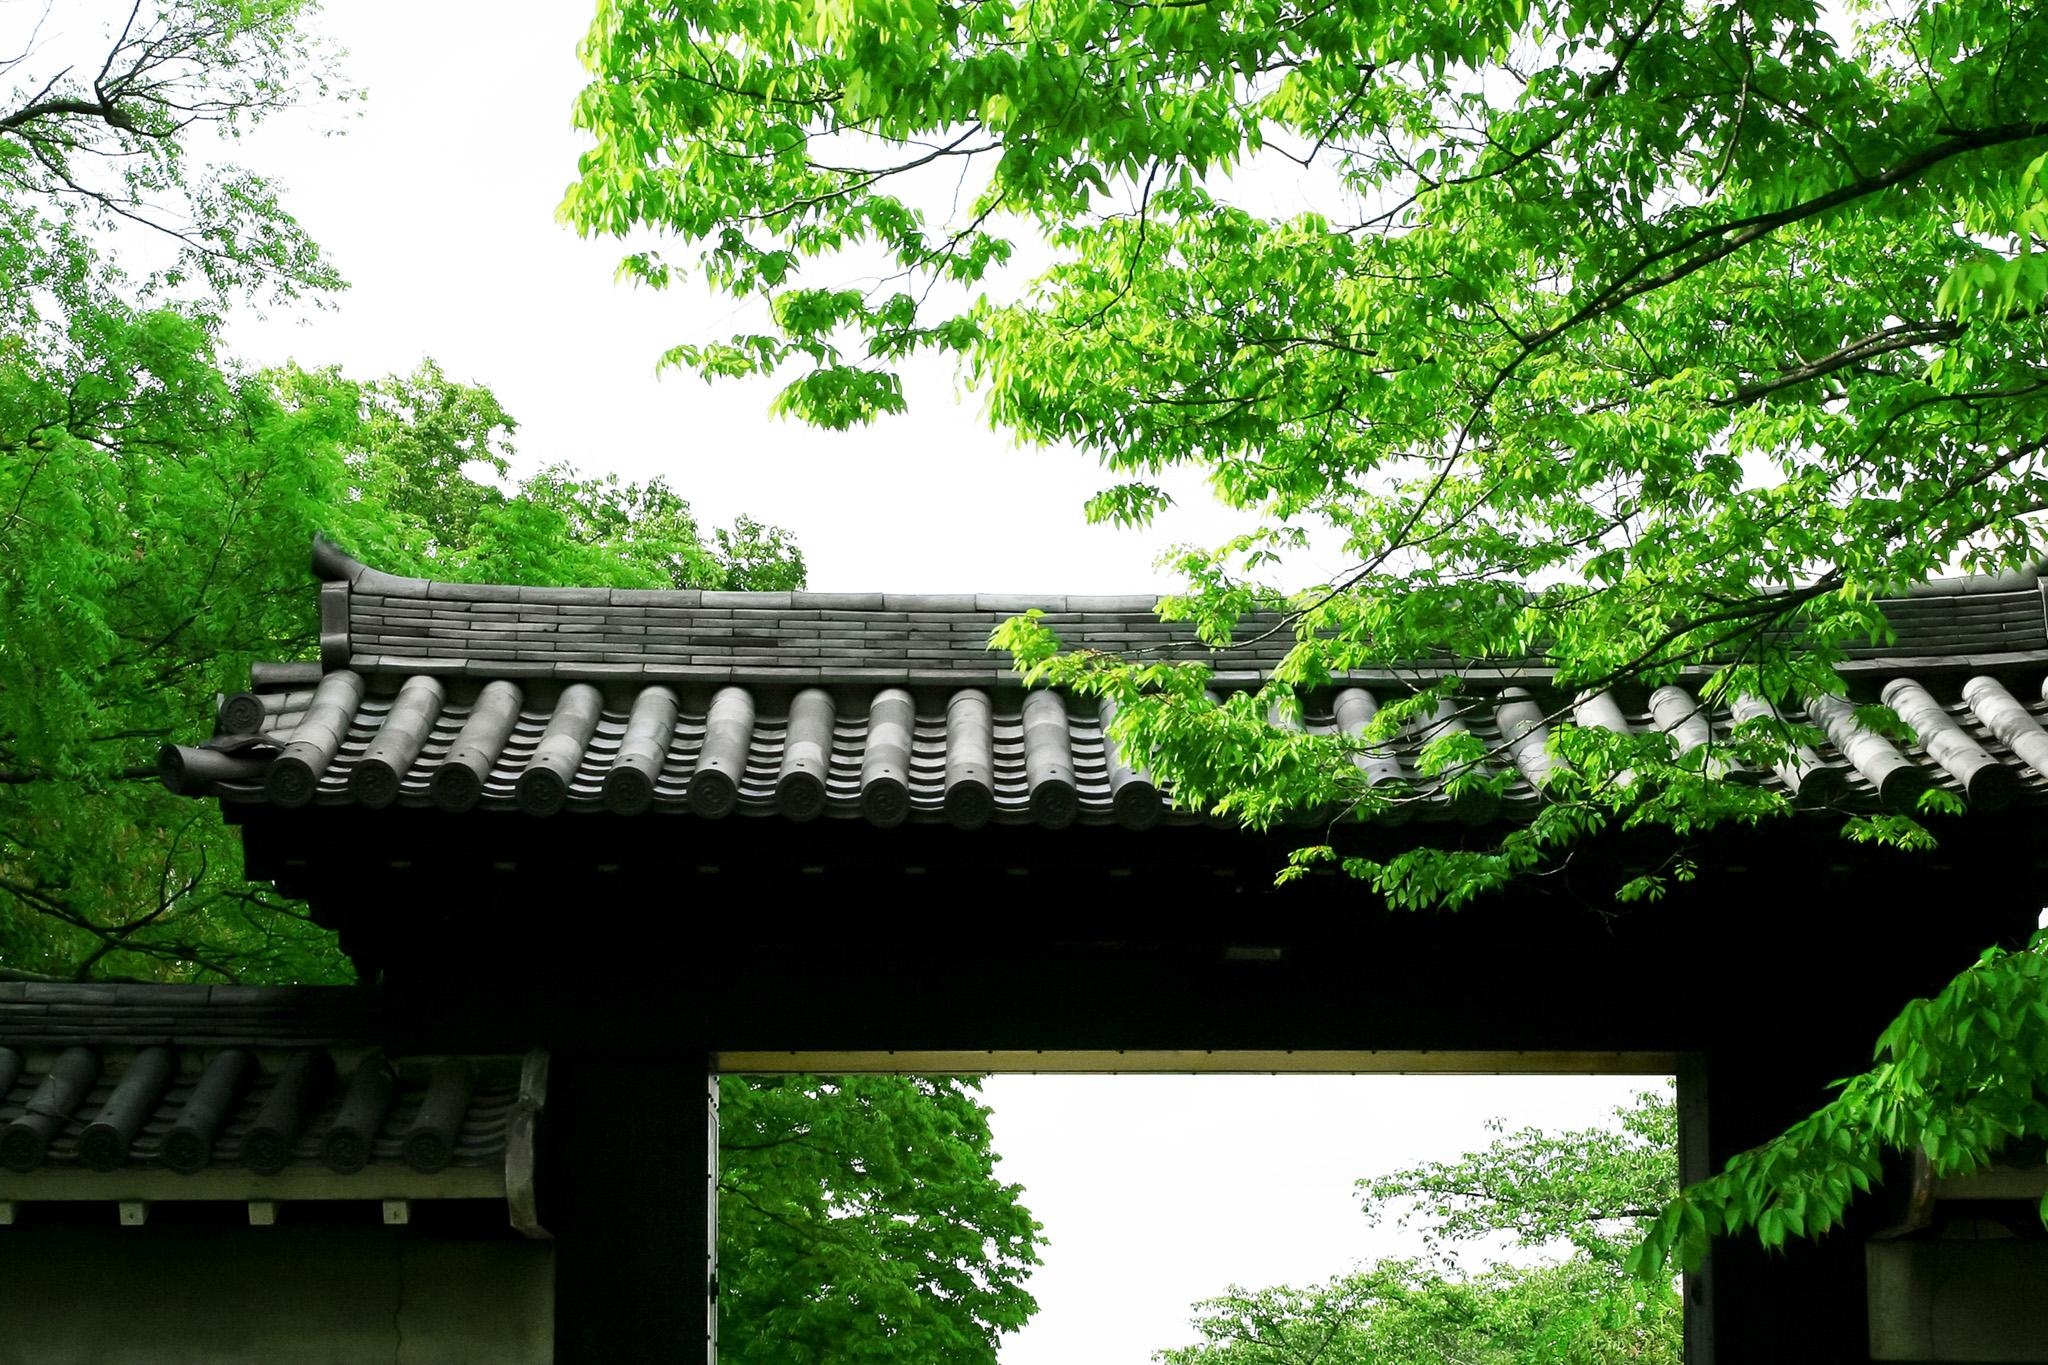 「新緑の京都」の素材を無料ダウンロード